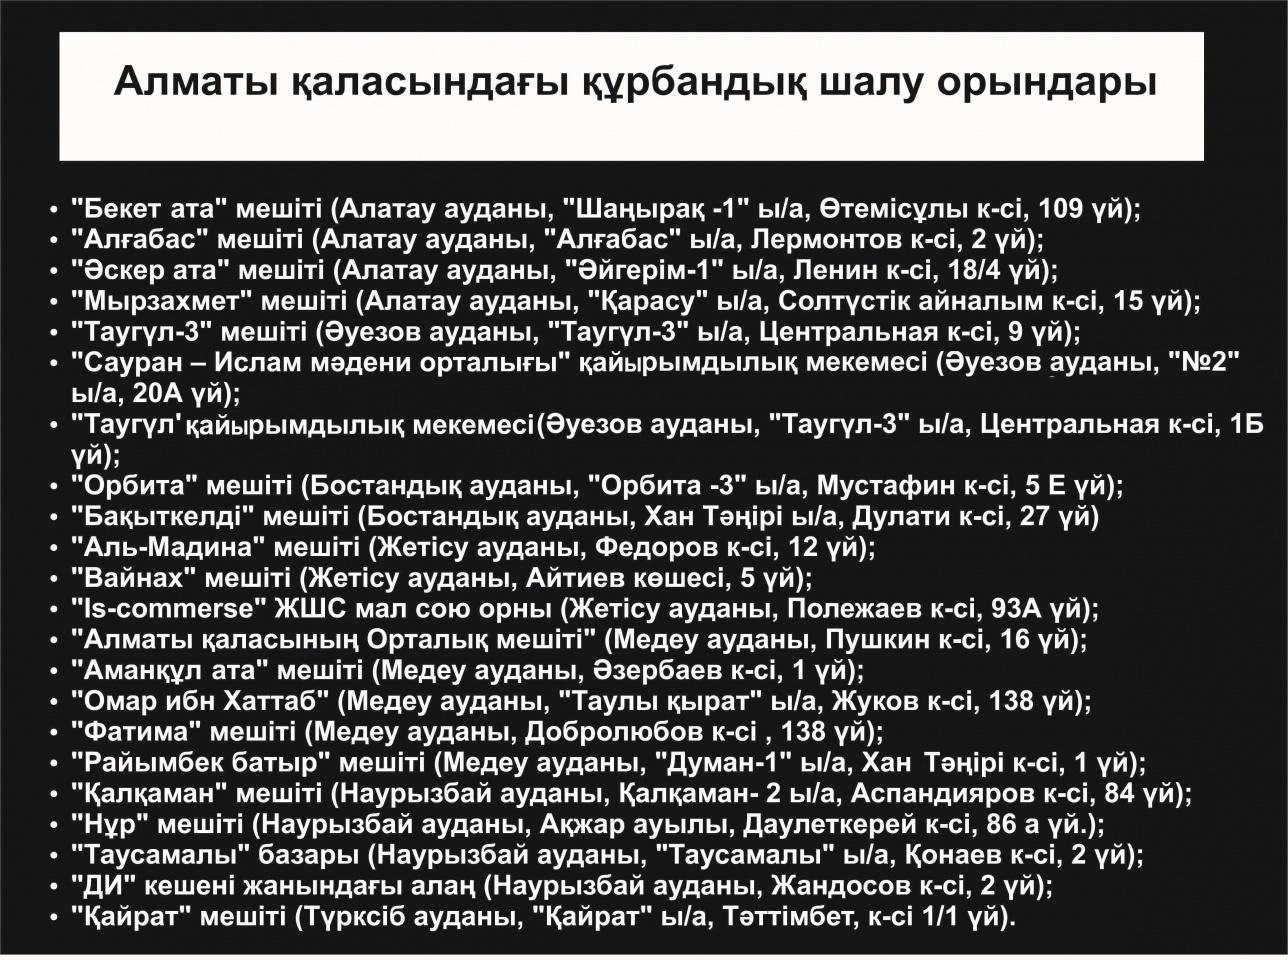 Алматыдағы құрбандық шалу орындары туралы хабарлама